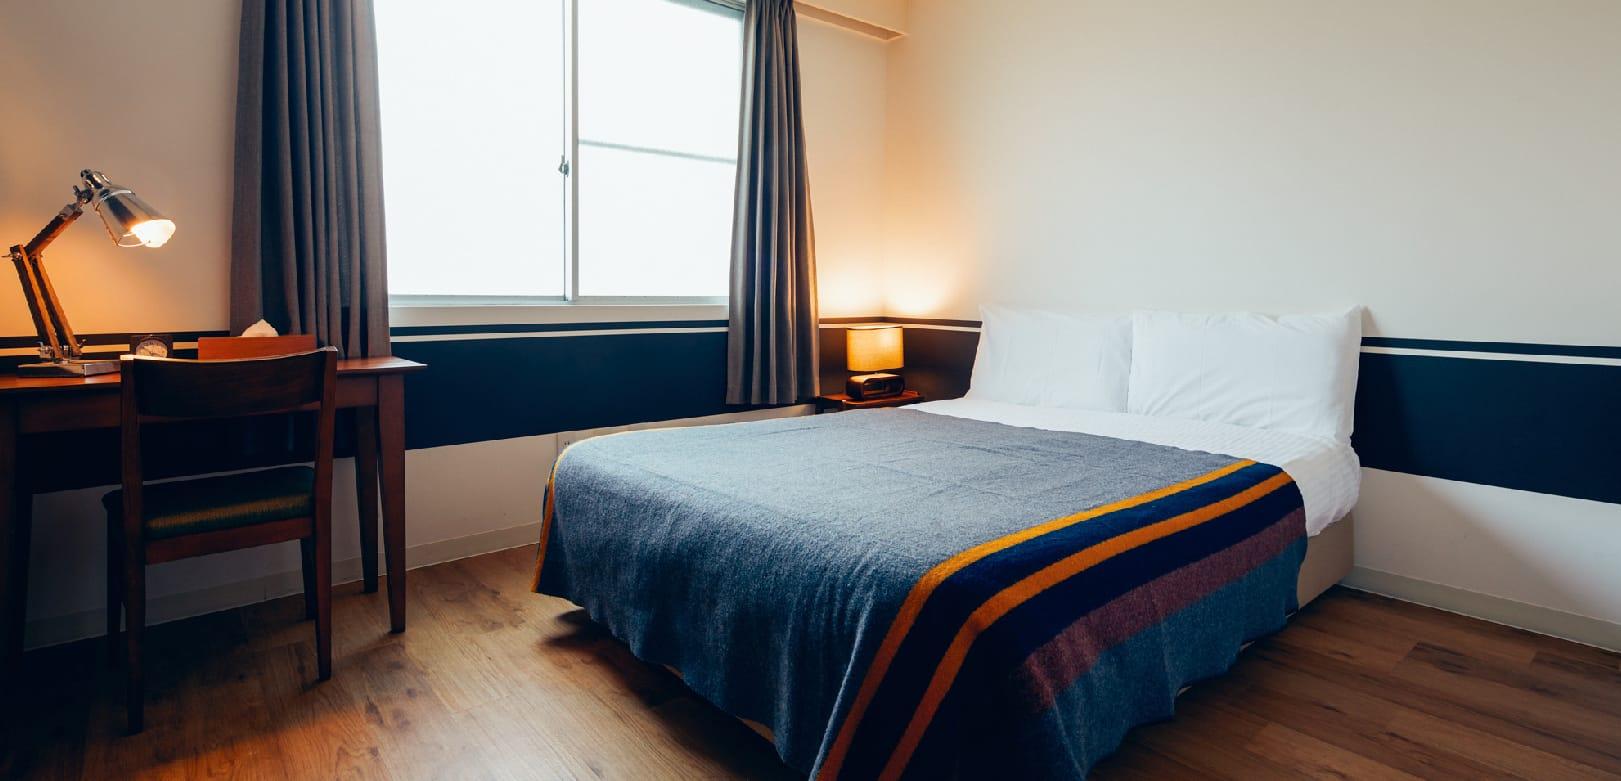 ホステルというとドミトリーのイメージかもしれませんが、個室タイプのお部屋も選べますよ。